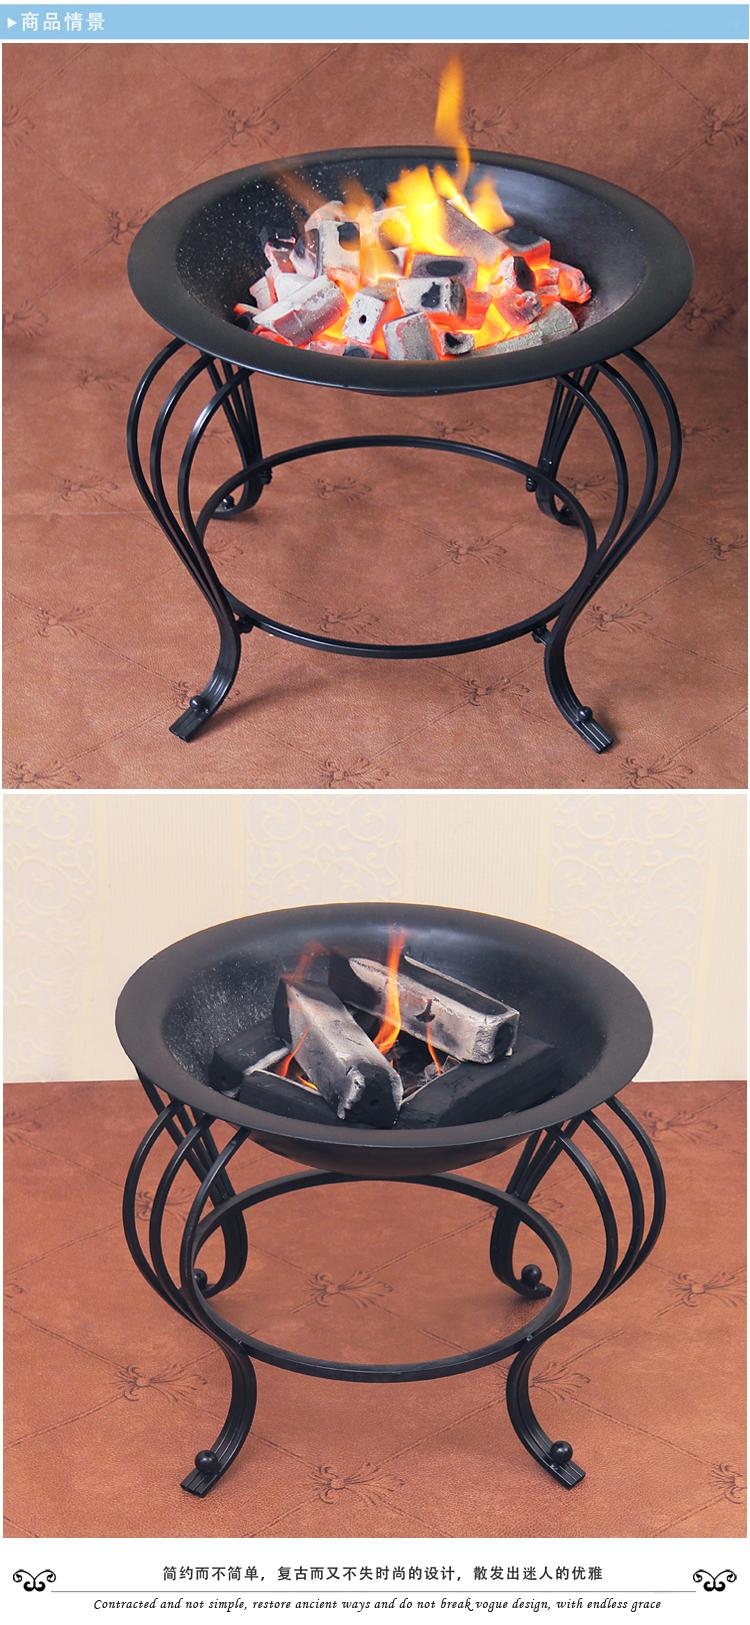 冬天取暖火盆架铁艺火炉架婚庆火盆灯取暖火盆立式火盆烧烤架